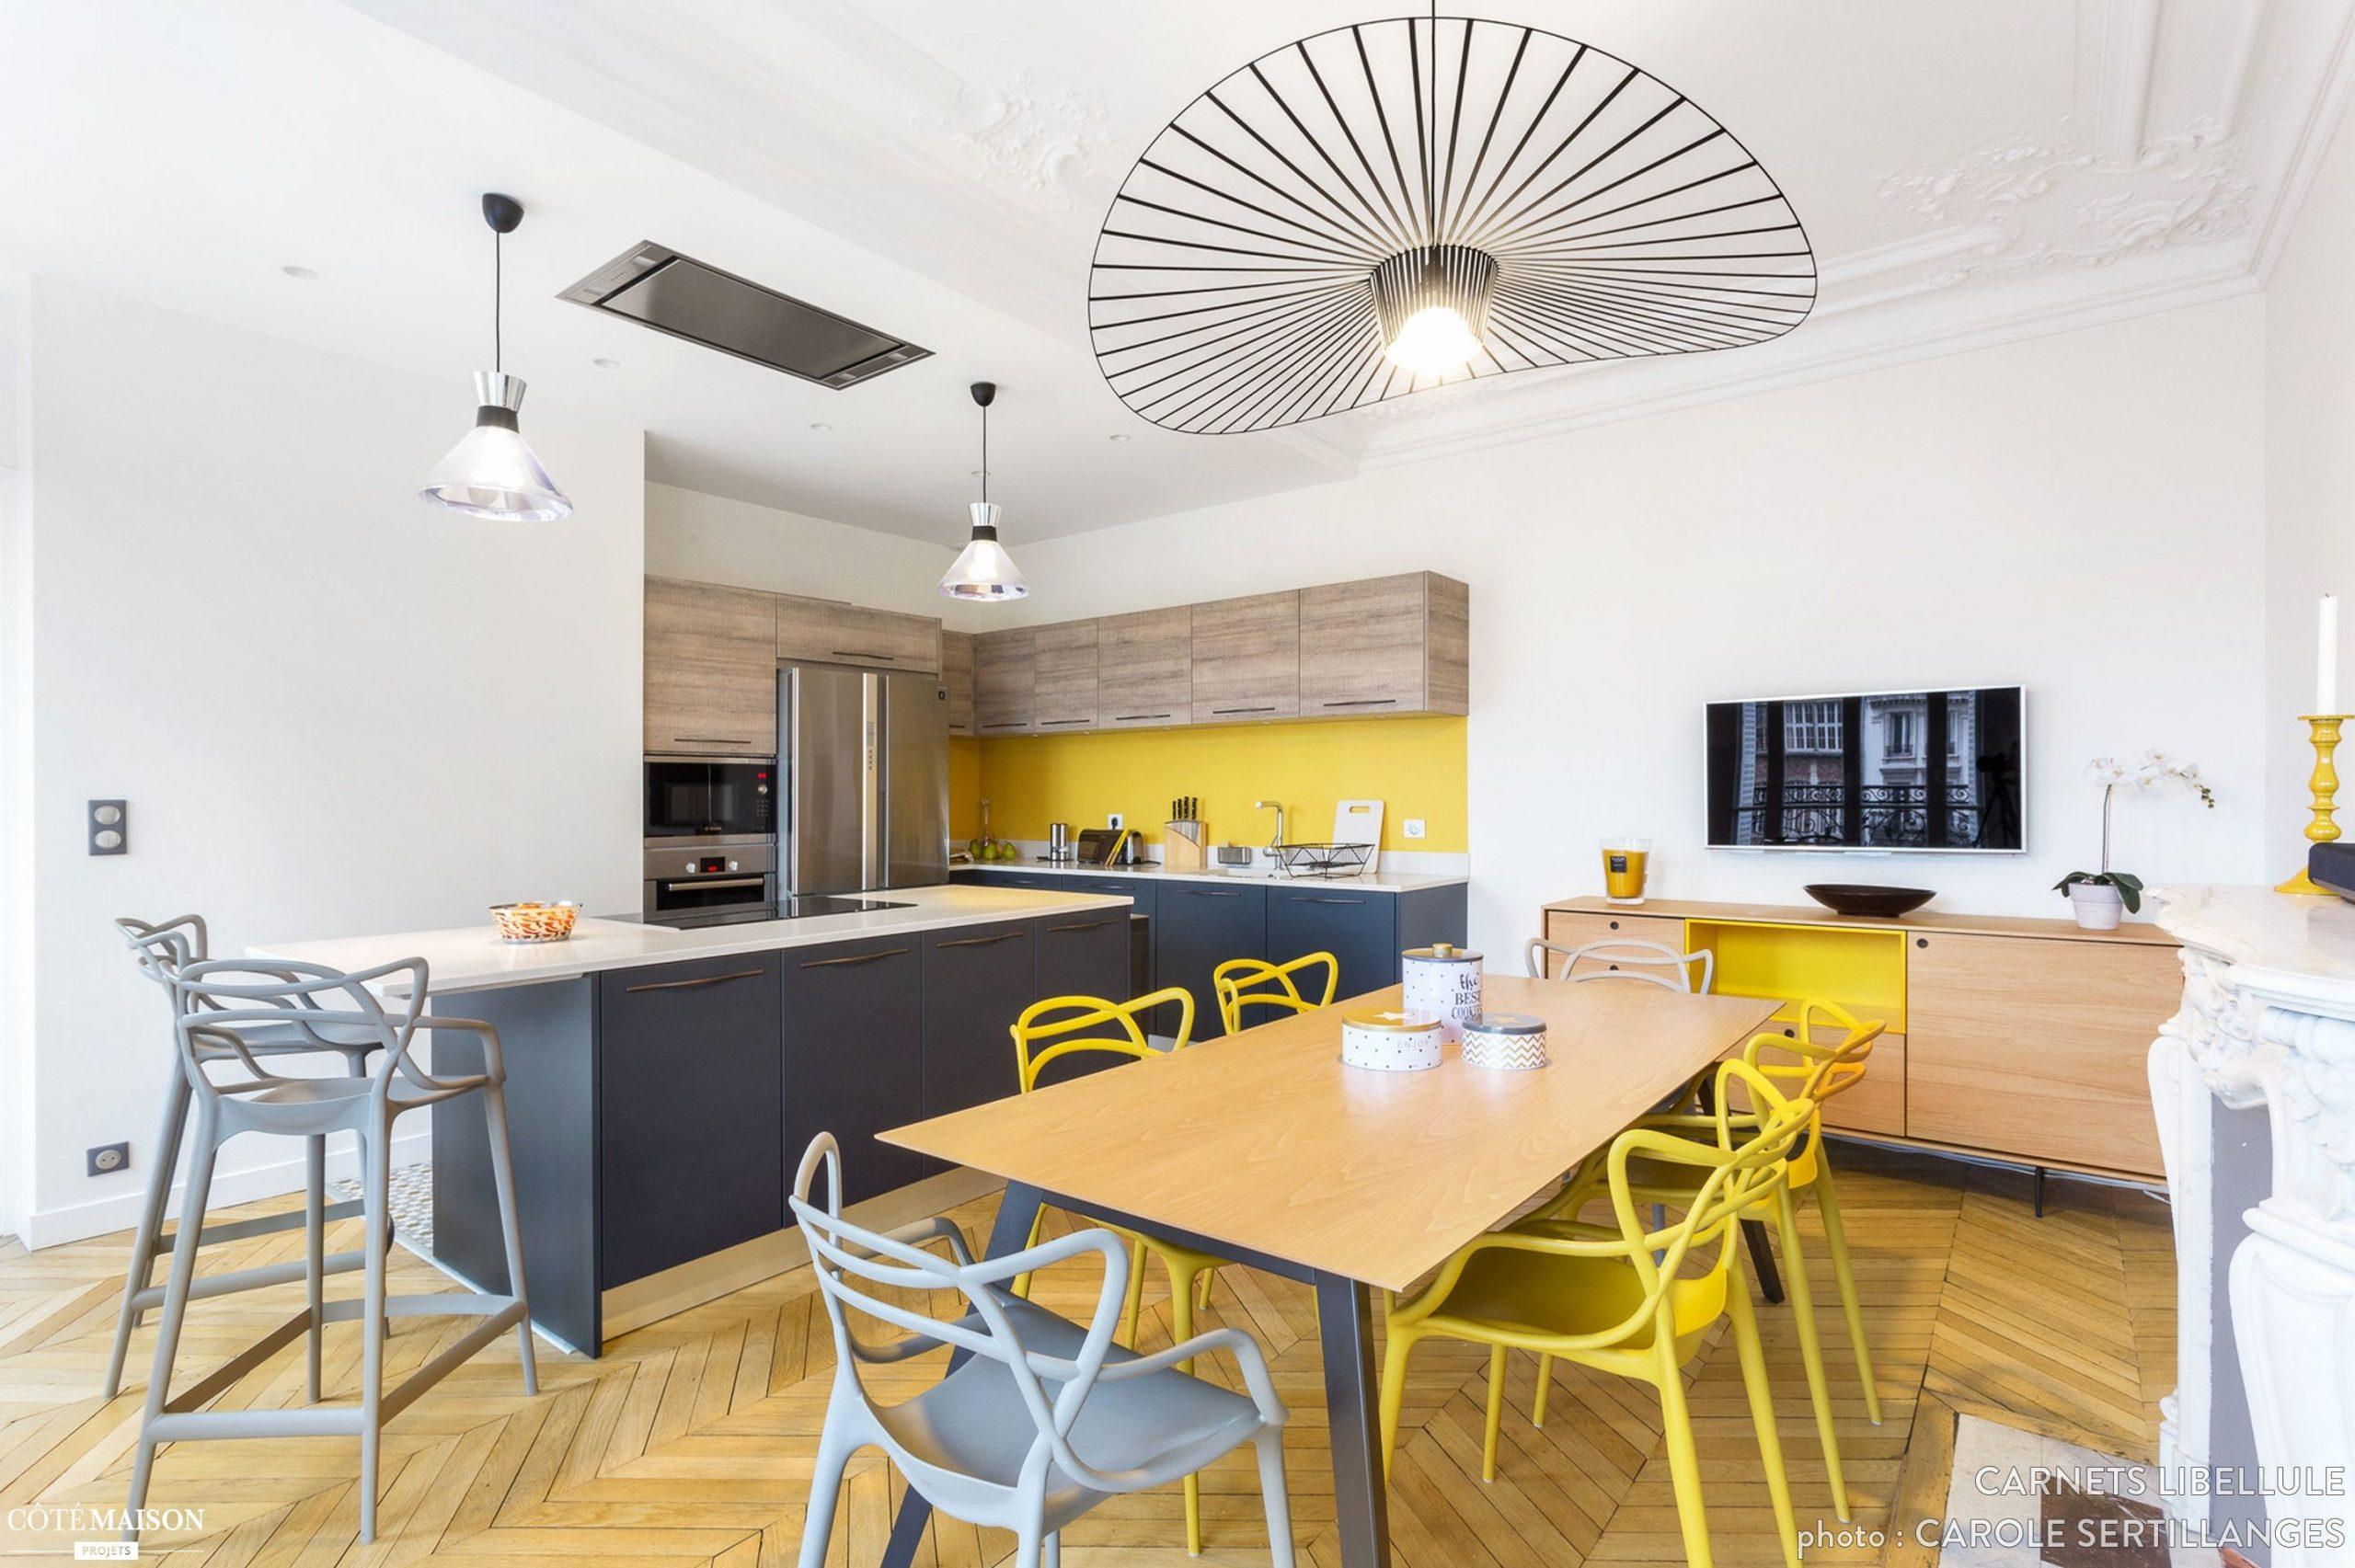 Luxury Aménagement Cuisine Salon 30M2 | Kitchen Remodel tout Cuisine Salon 30M2